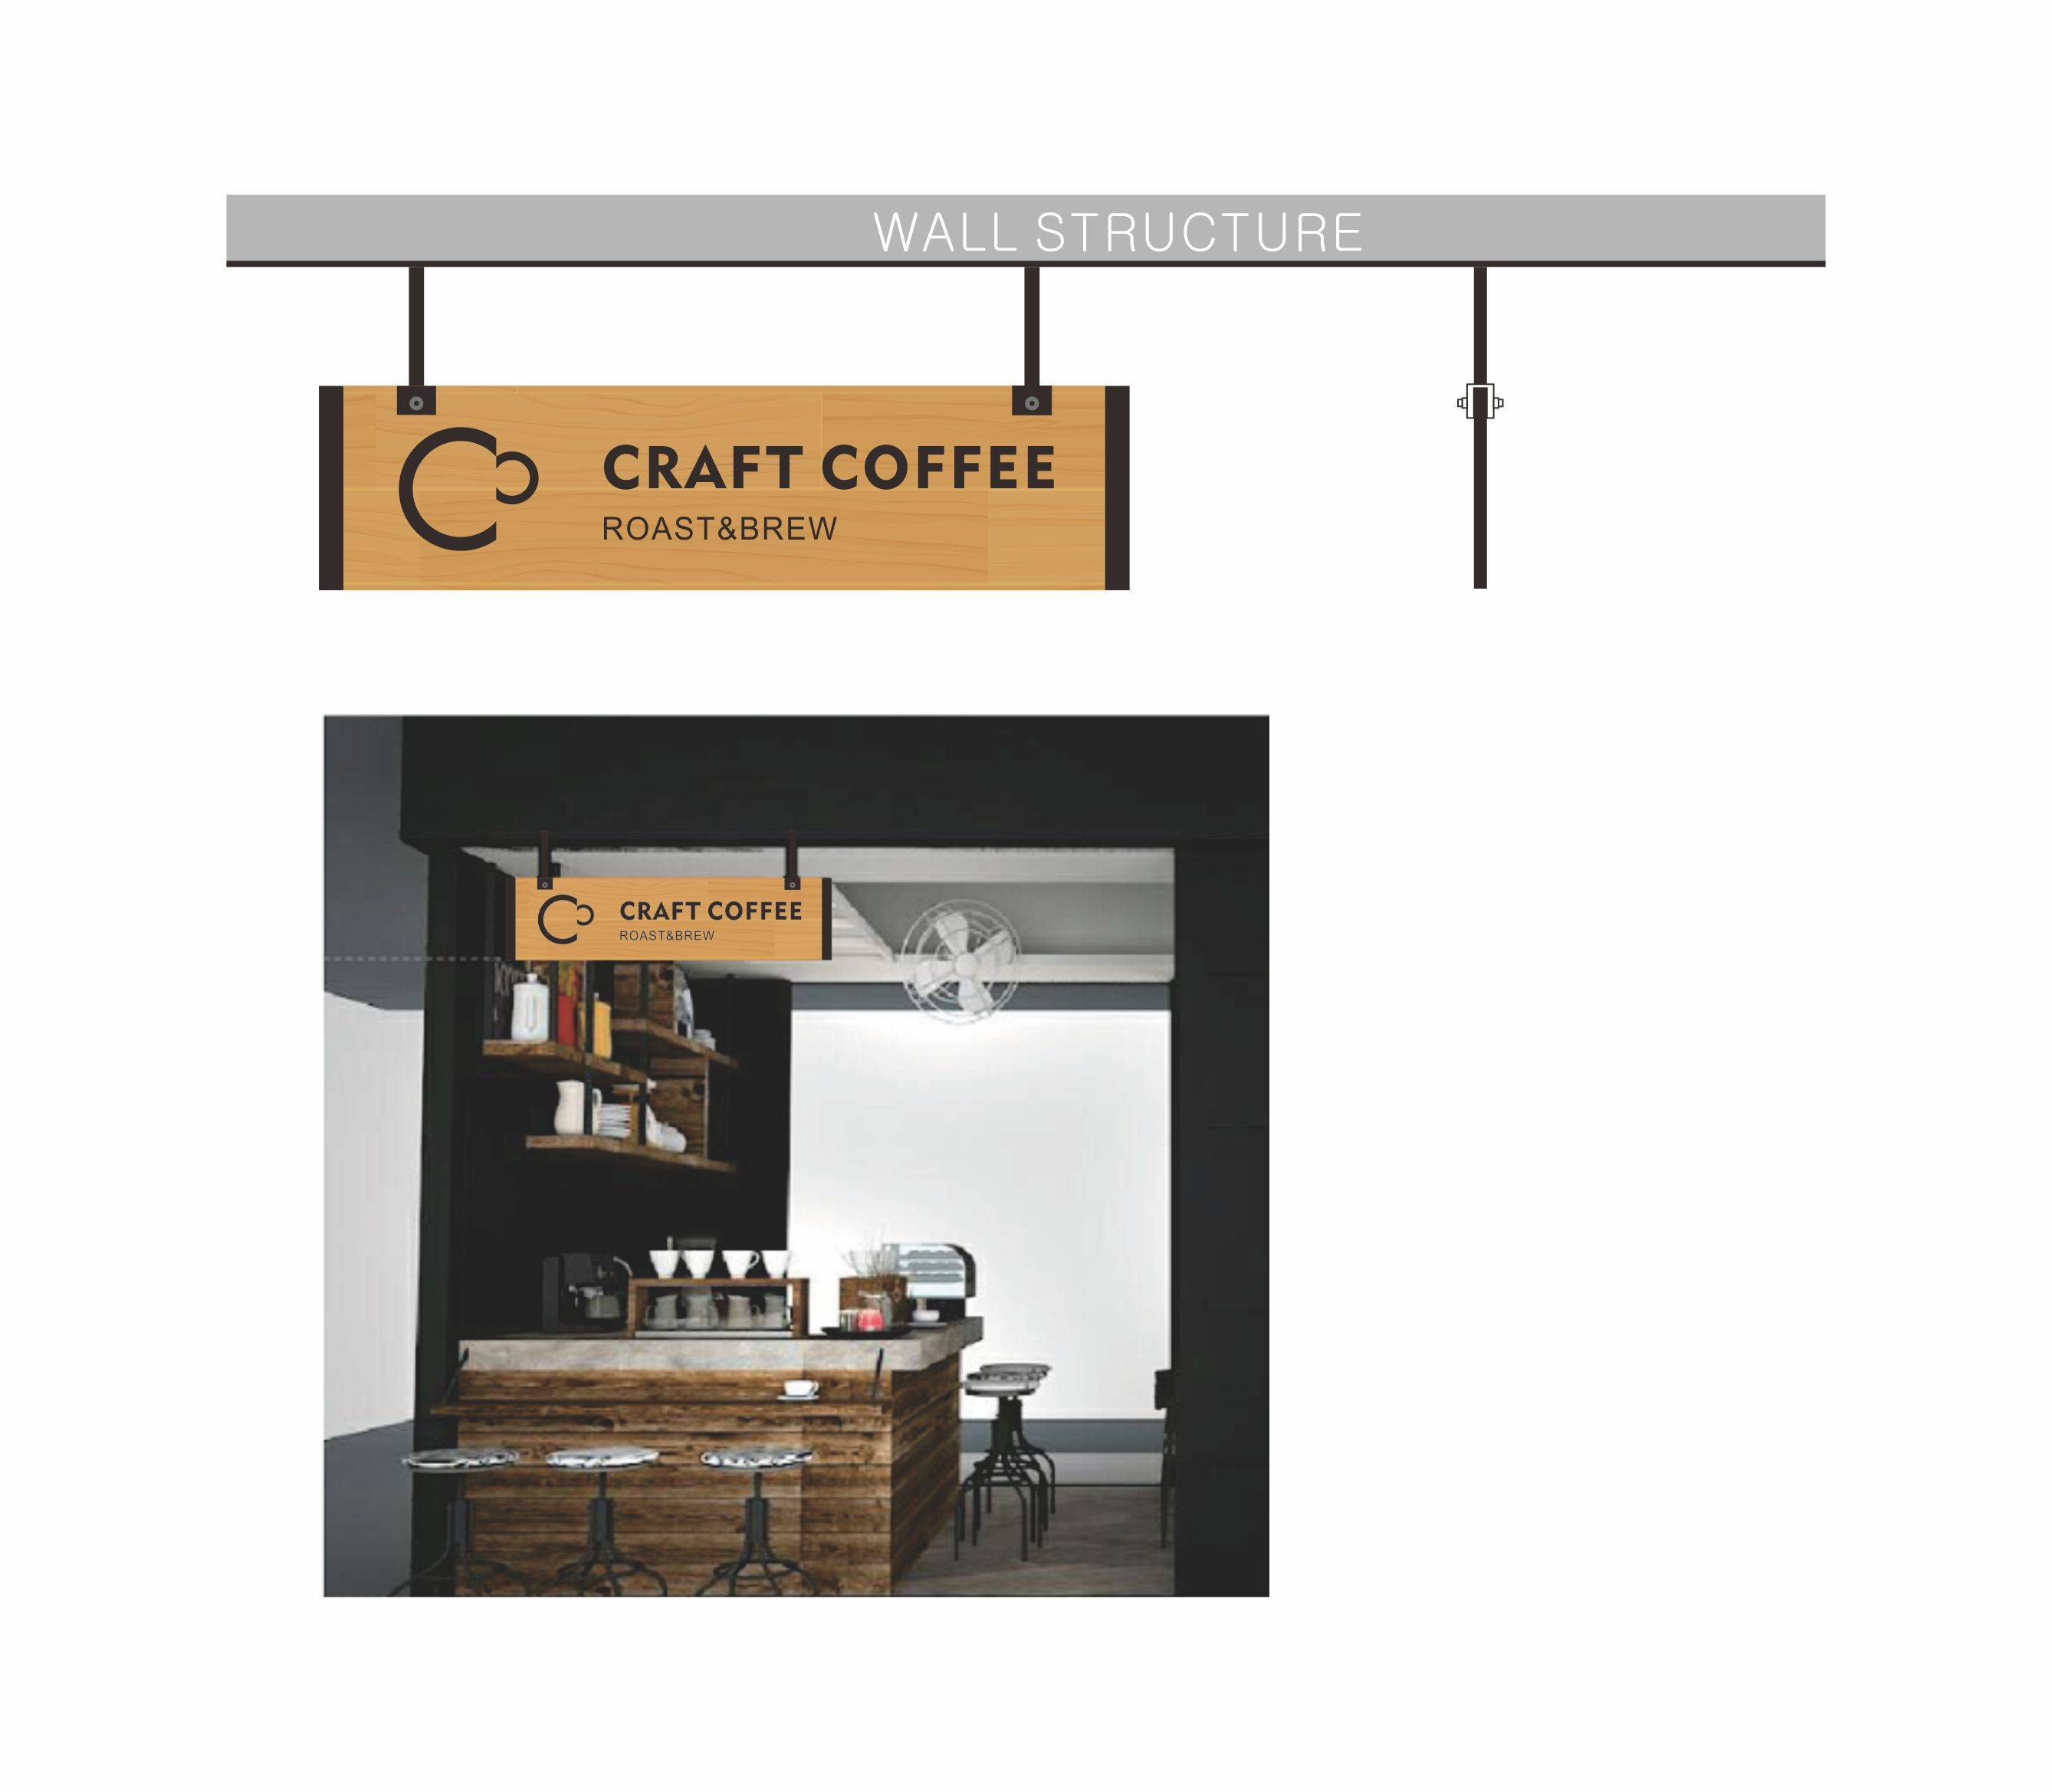 咖啡店吊牌设计